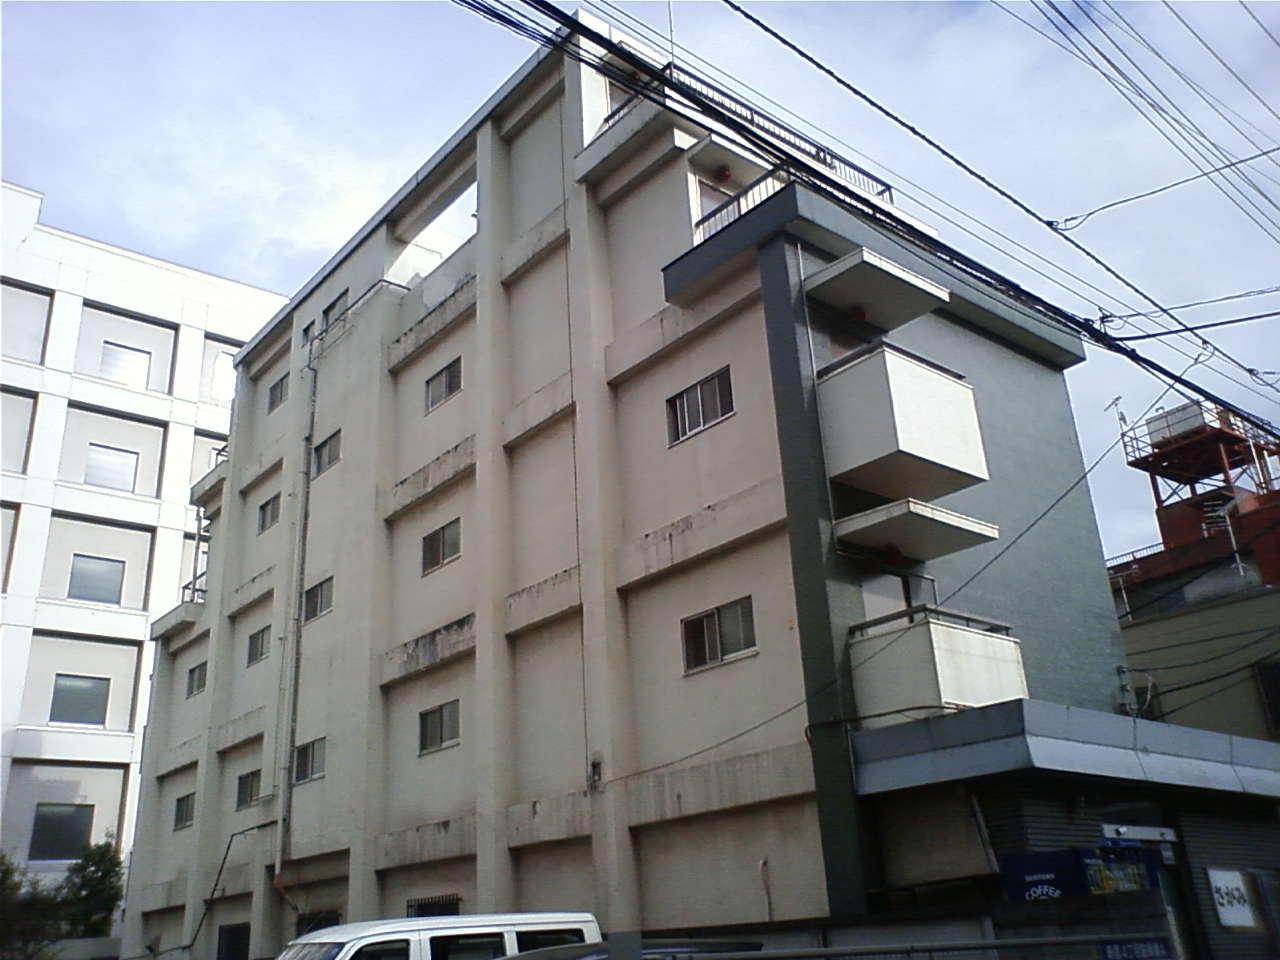 写真 新宿四丁目付近 4_b0136144_6315445.jpg